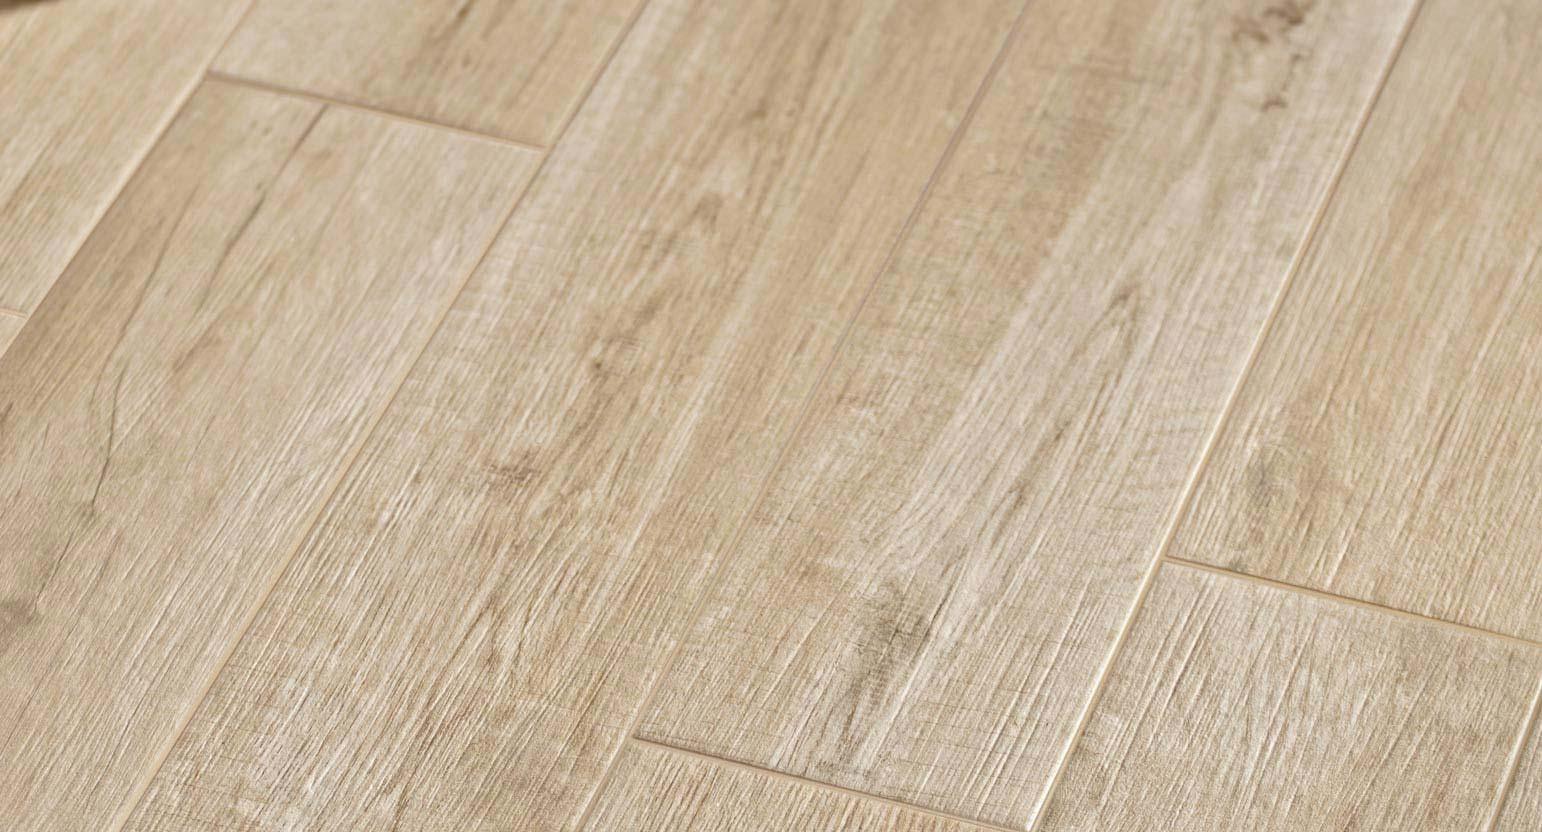 Piastrelle effetto legno per esterni 28 images gres per esterni effetto legno fabulous - Piastrelle gres effetto legno ...